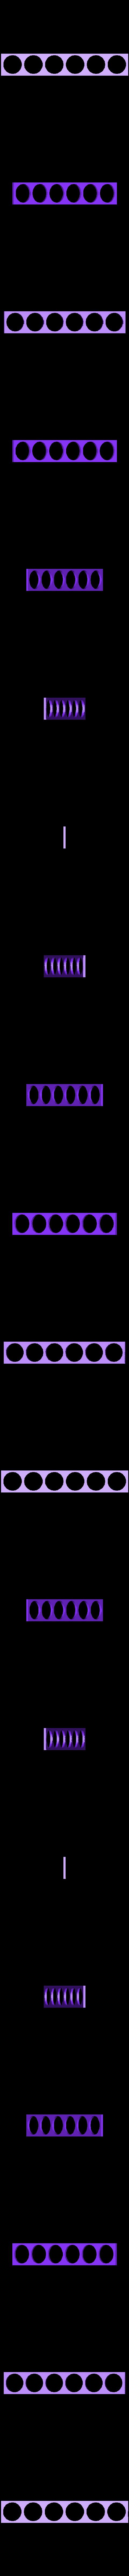 soporte piezas.STL Télécharger fichier STL gratuit Figurines d'échecs • Plan pour imprimante 3D, SnakeCreations